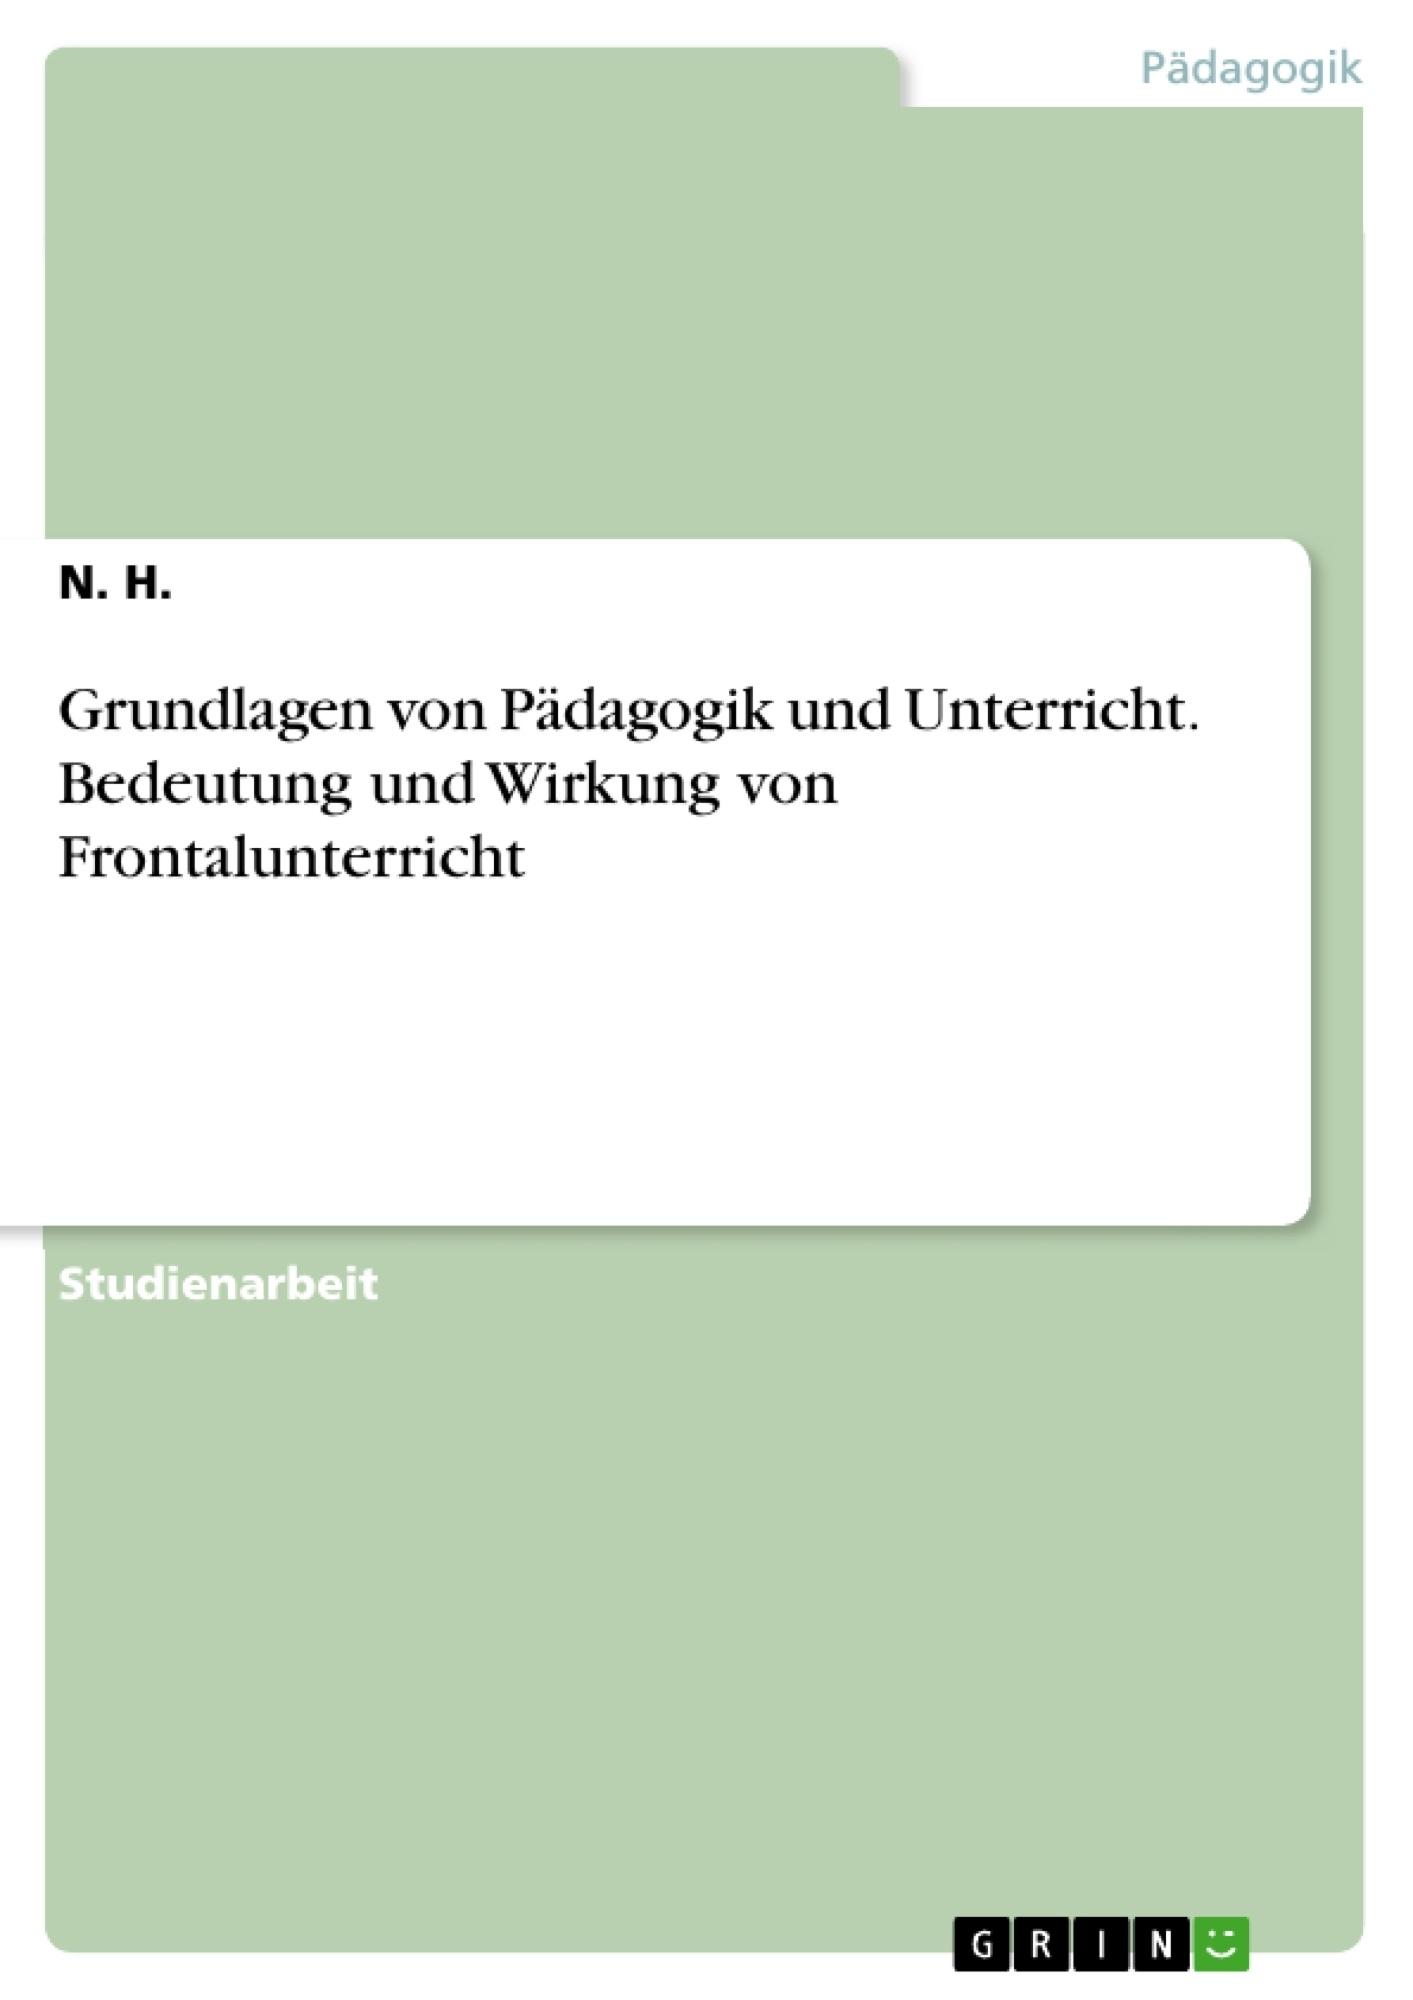 Titel: Grundlagen von Pädagogik und Unterricht. Bedeutung und Wirkung von Frontalunterricht